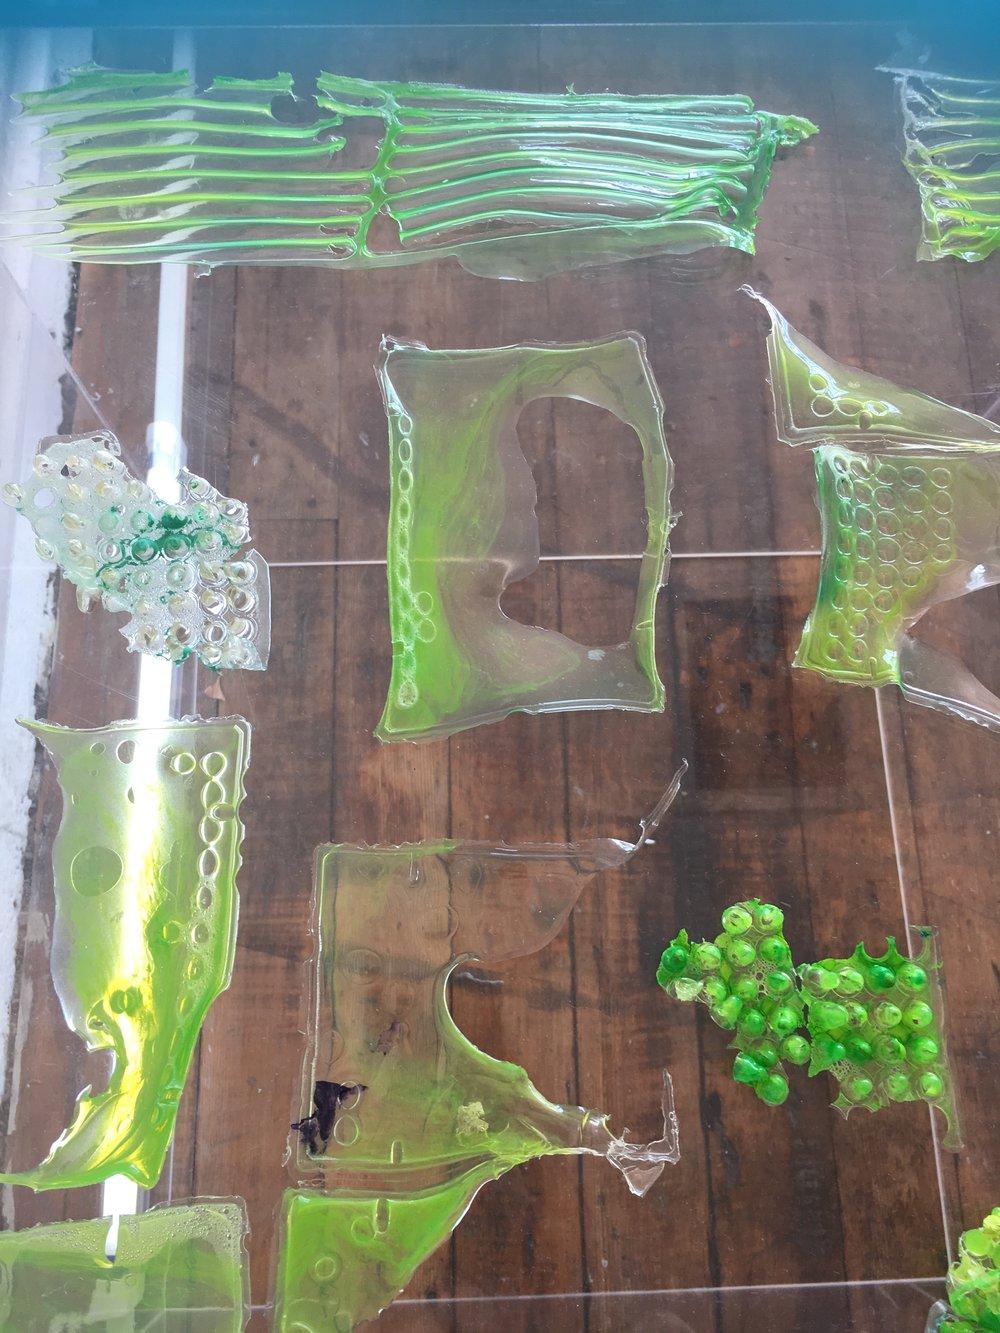 bioplastics_green.JPG